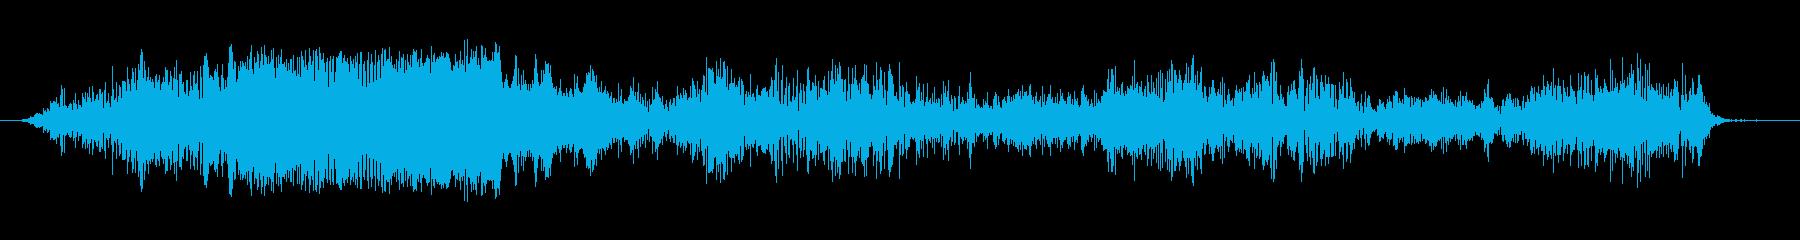 ノイズ ぐらつきグリッチライザーロ...の再生済みの波形